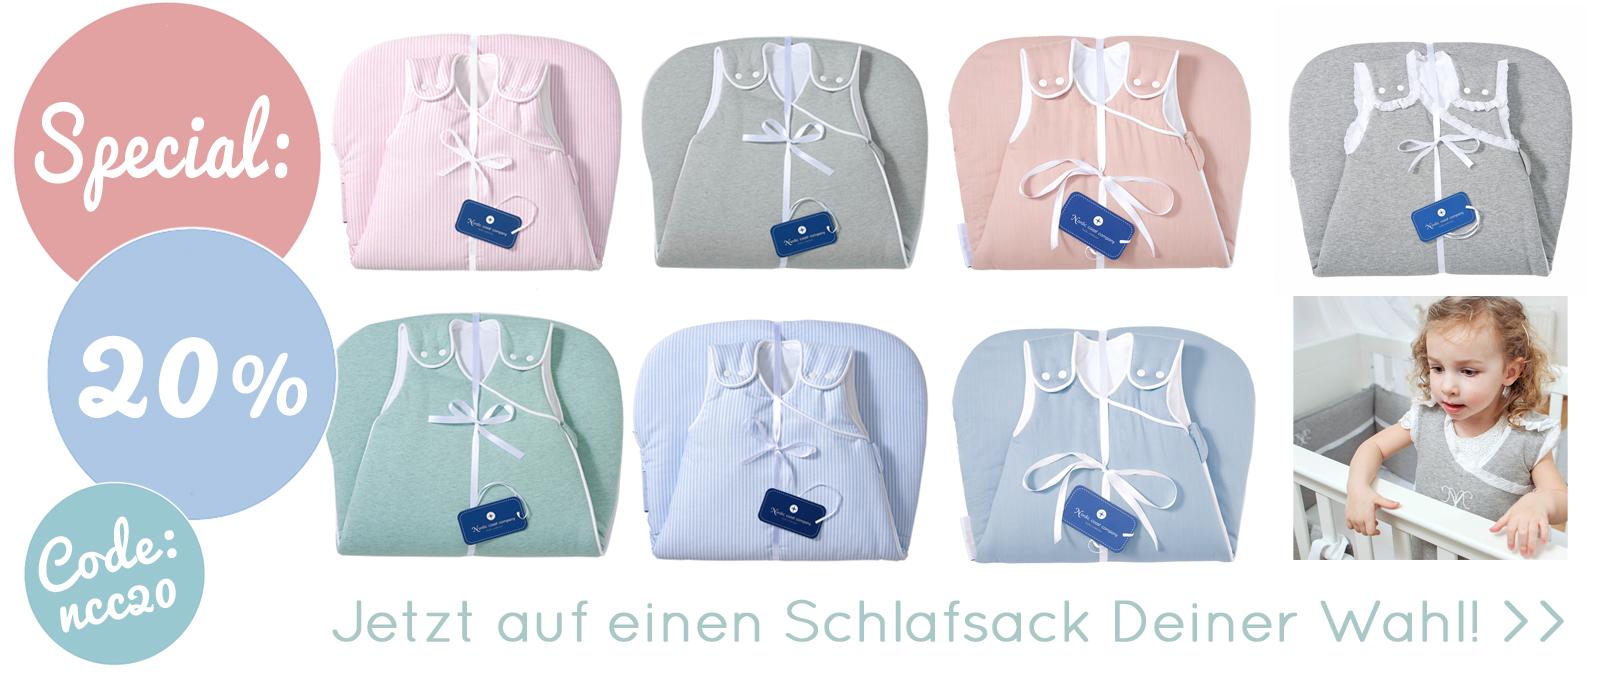 Schlafsack-Special_20%V1